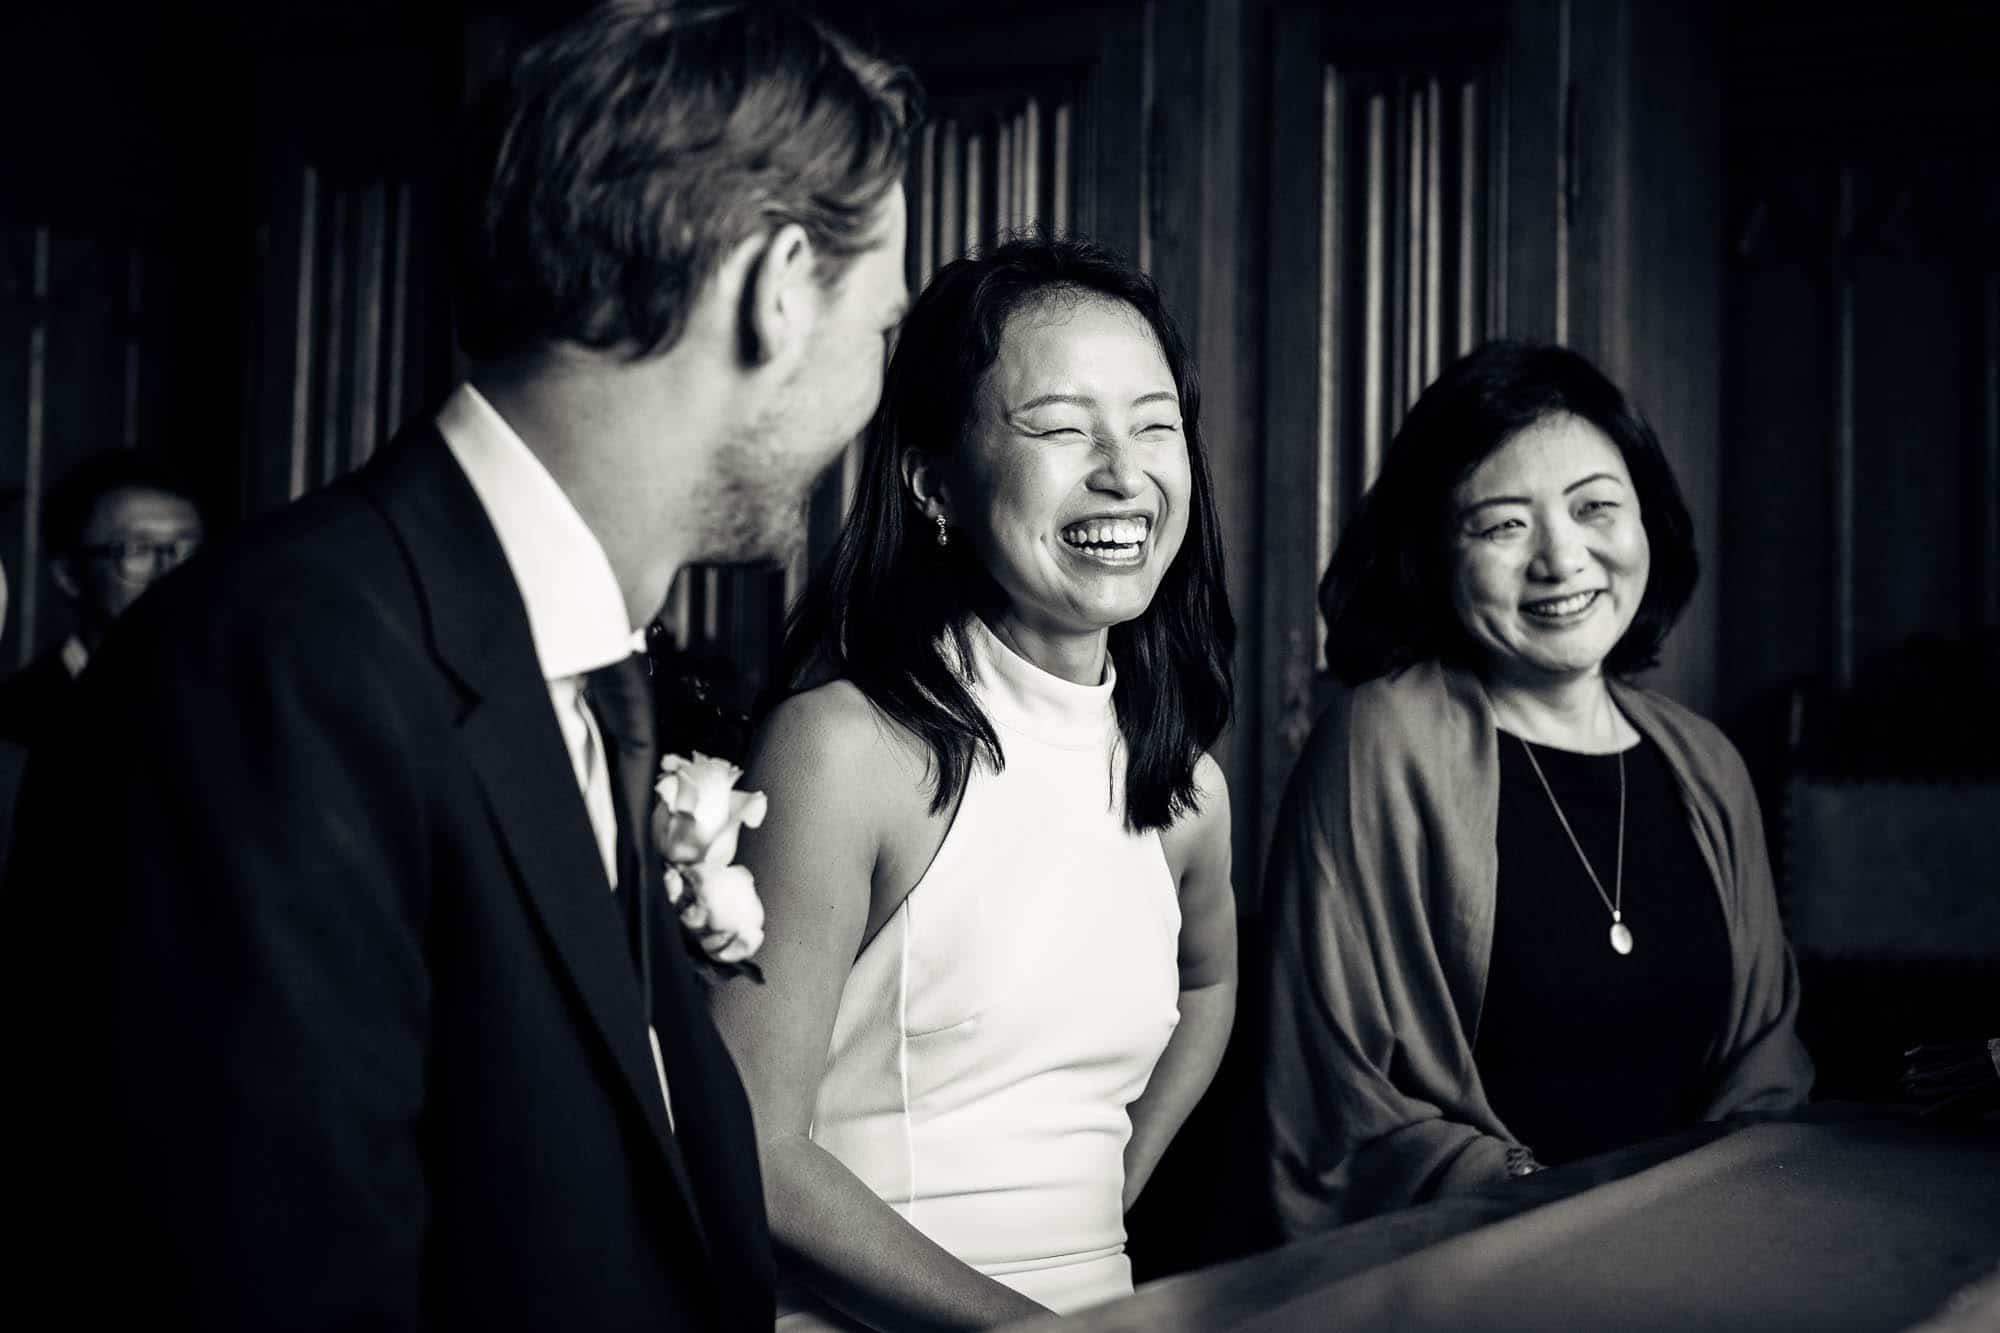 Braut, Trauzeugin und Bräutigam lachen